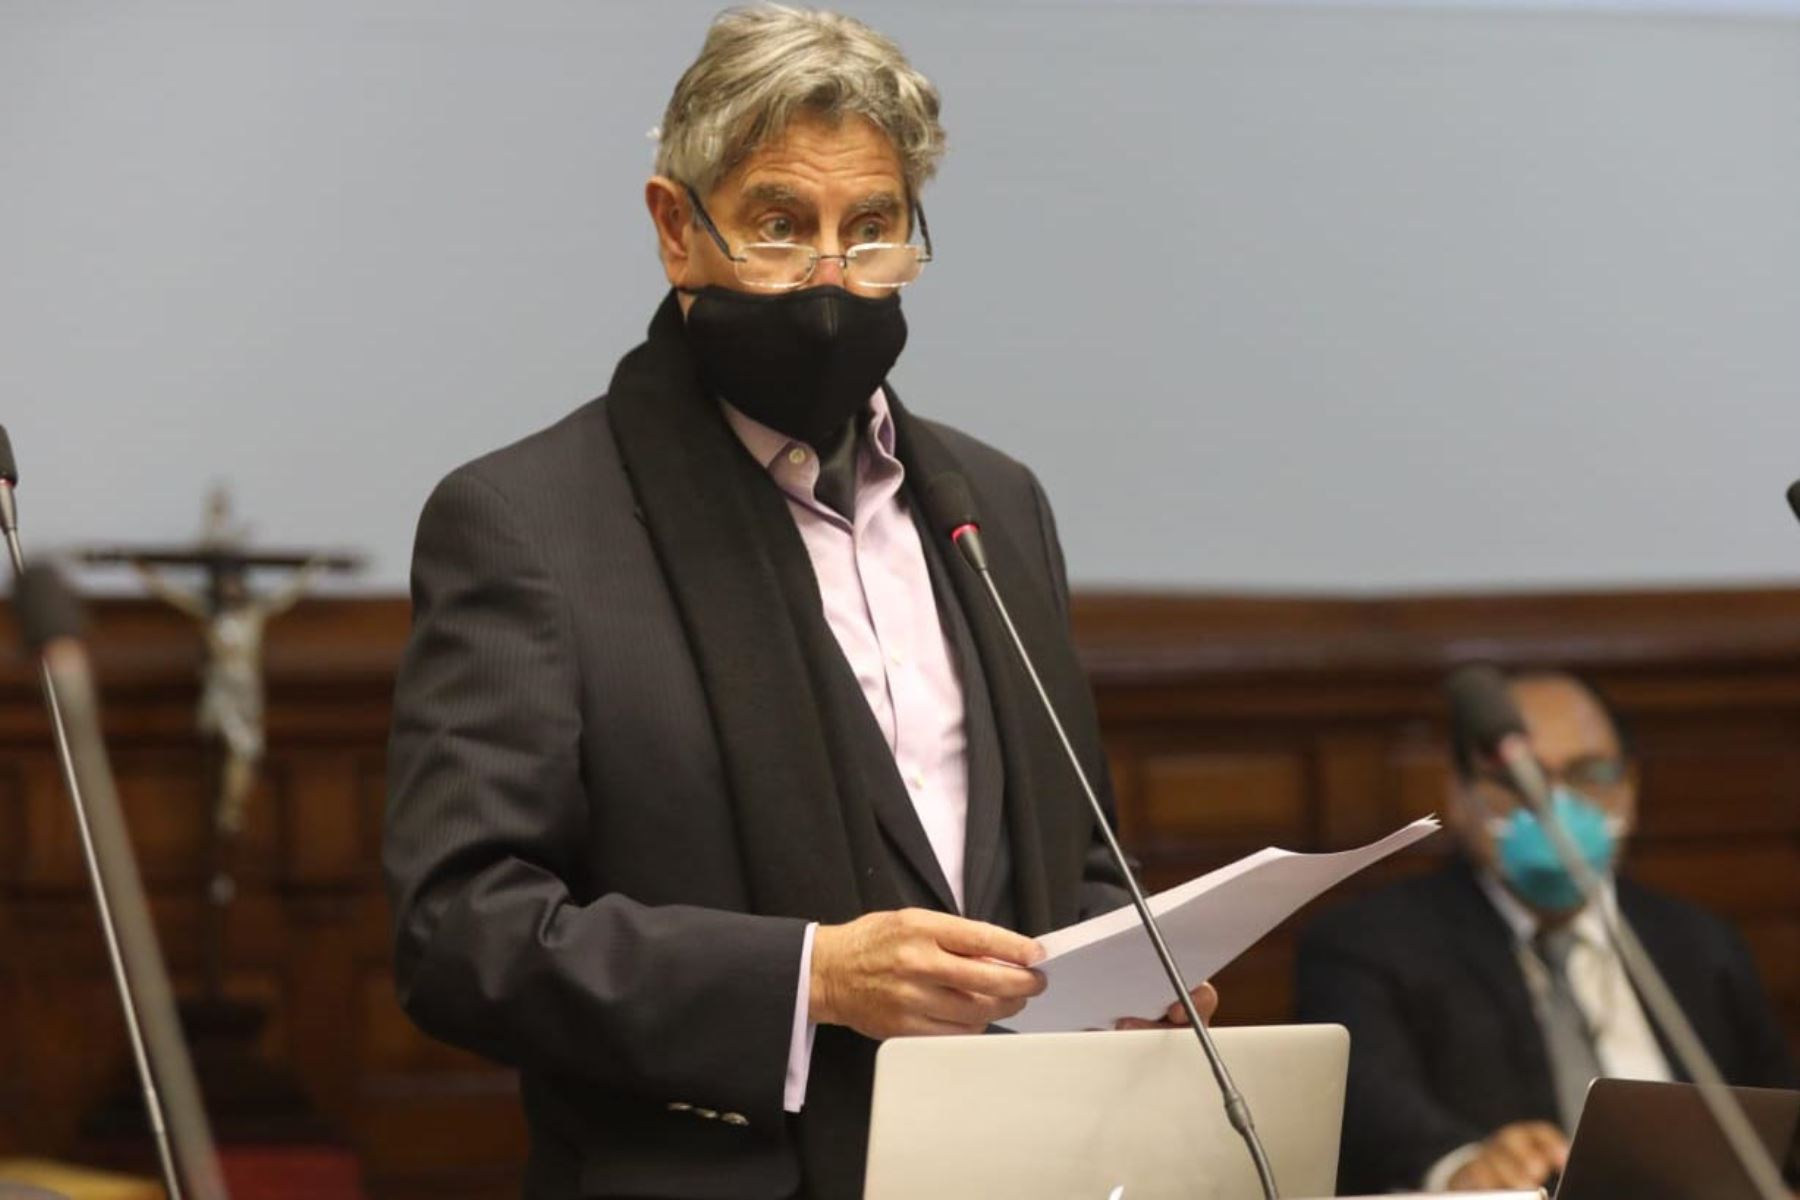 Congresista Francisco Sagasti del partido Morado interviene en el pleno del Congreso.  Foto: Congreso de la República